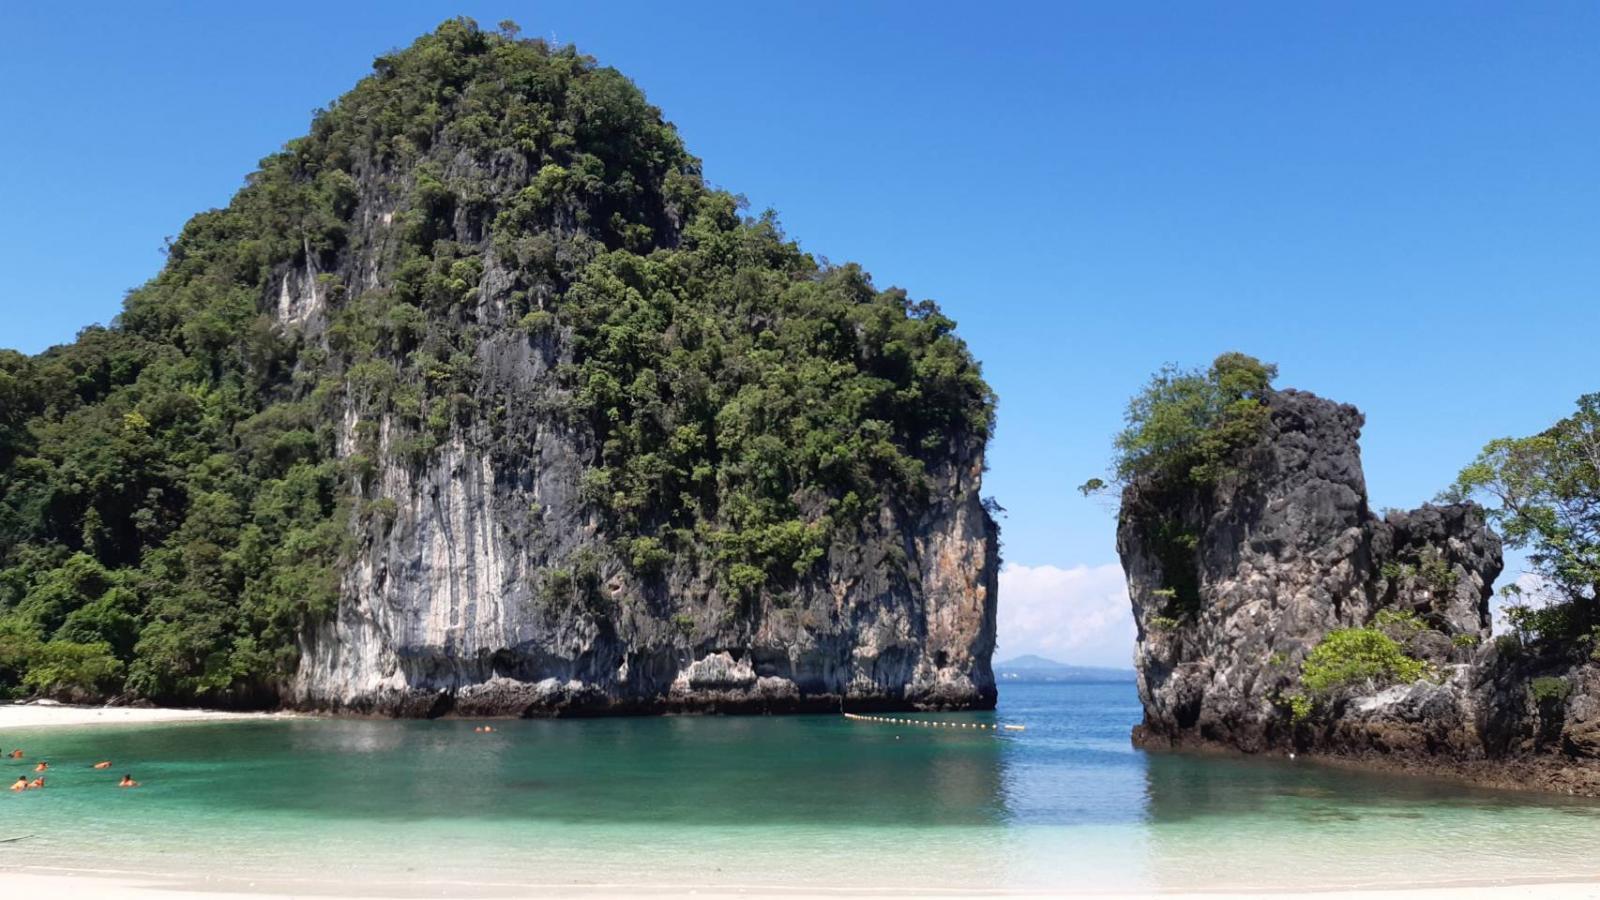 ขยะจากทะเล เกลื่อนเกาะห้อง กรมอุทยานแจงเป็นแบบนี้ทุกปี